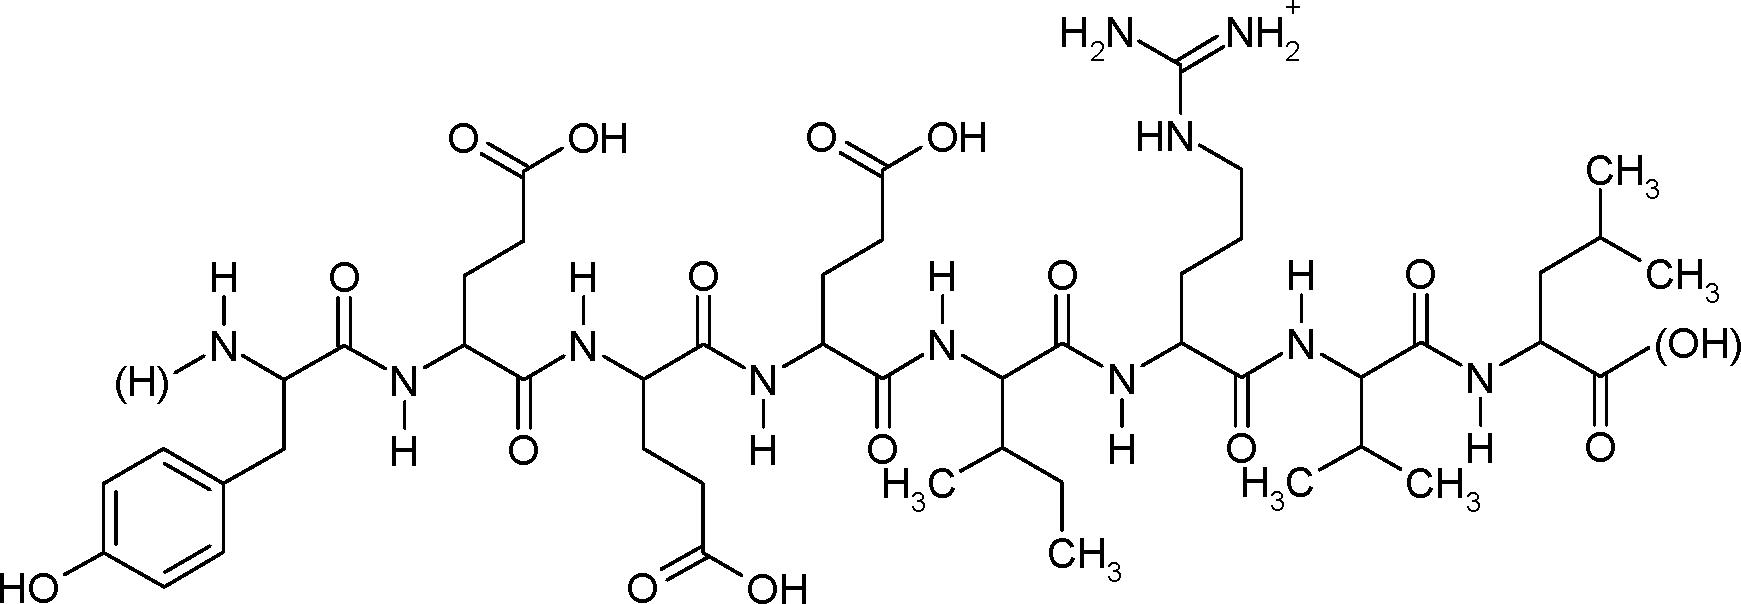 Figure DE102013219916A1_0011